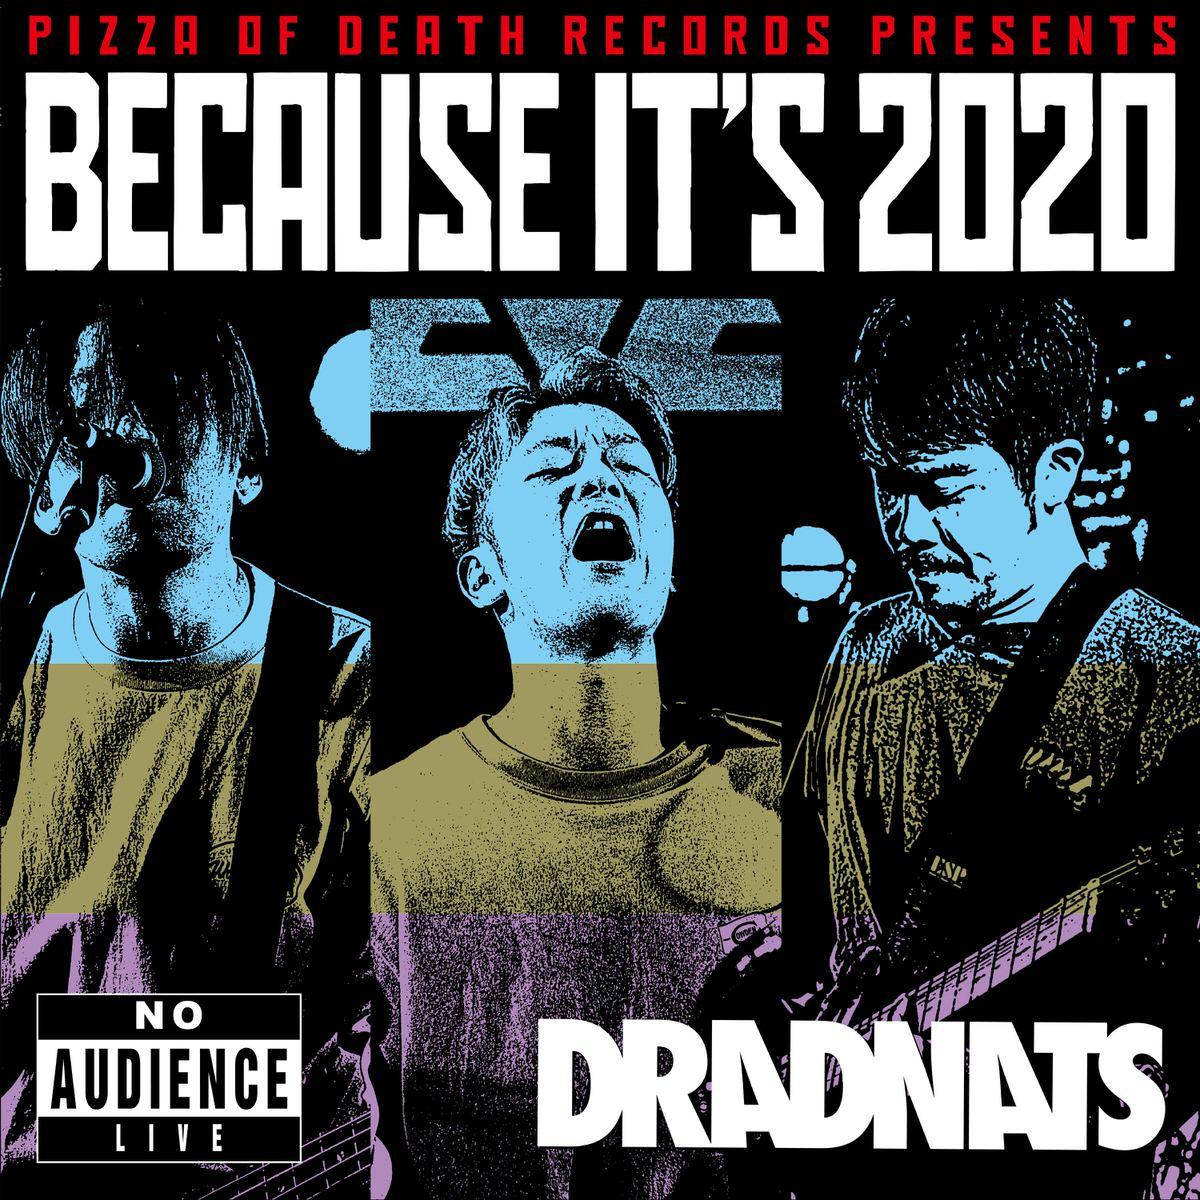 BECAUSE IT'S 2020 / DRADNATS ジャケット画像